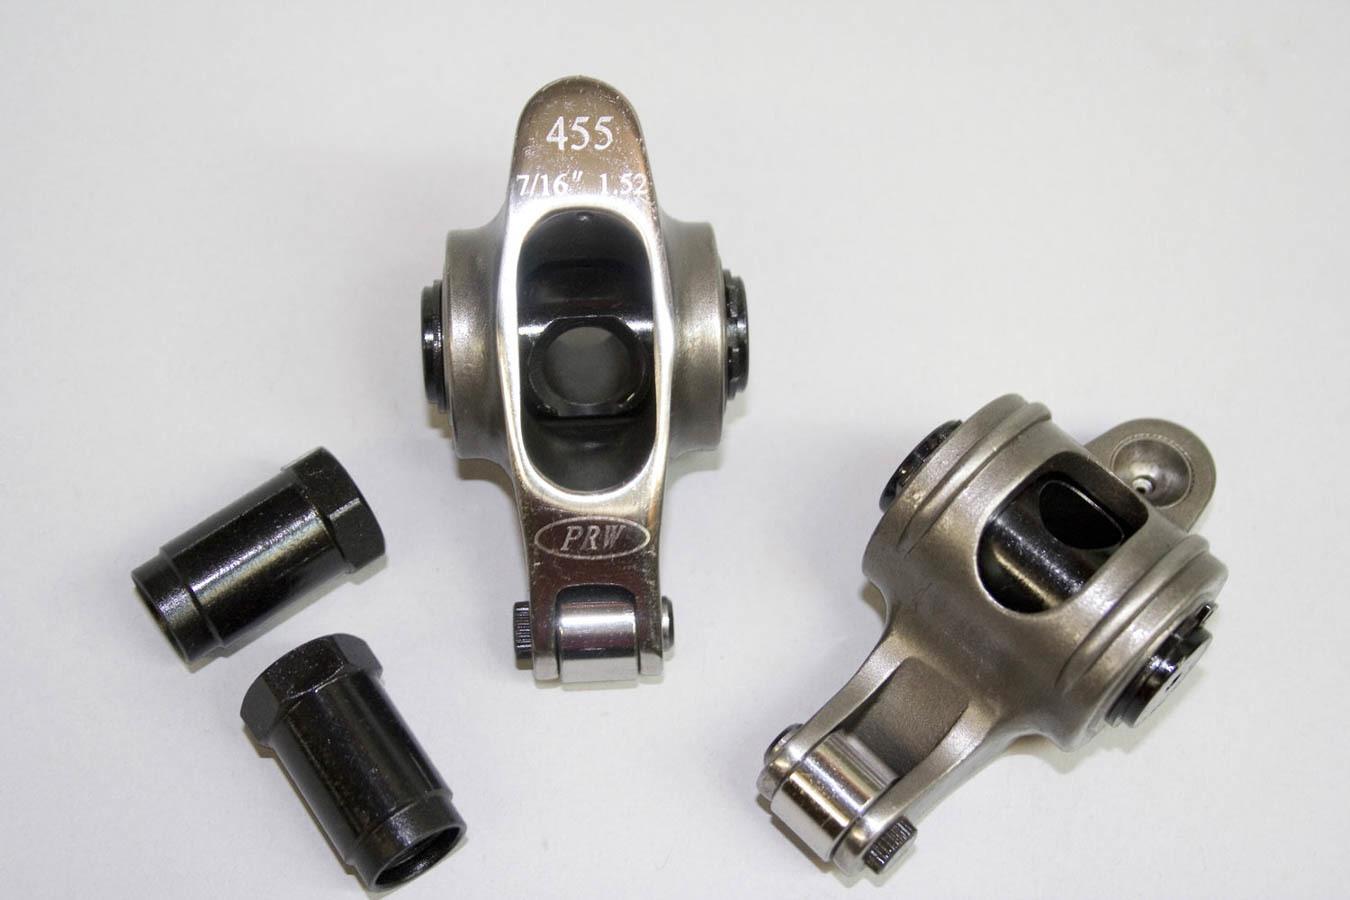 Pontiac V8 S/S Roller R/A's - 1.52 Ratio 7/16